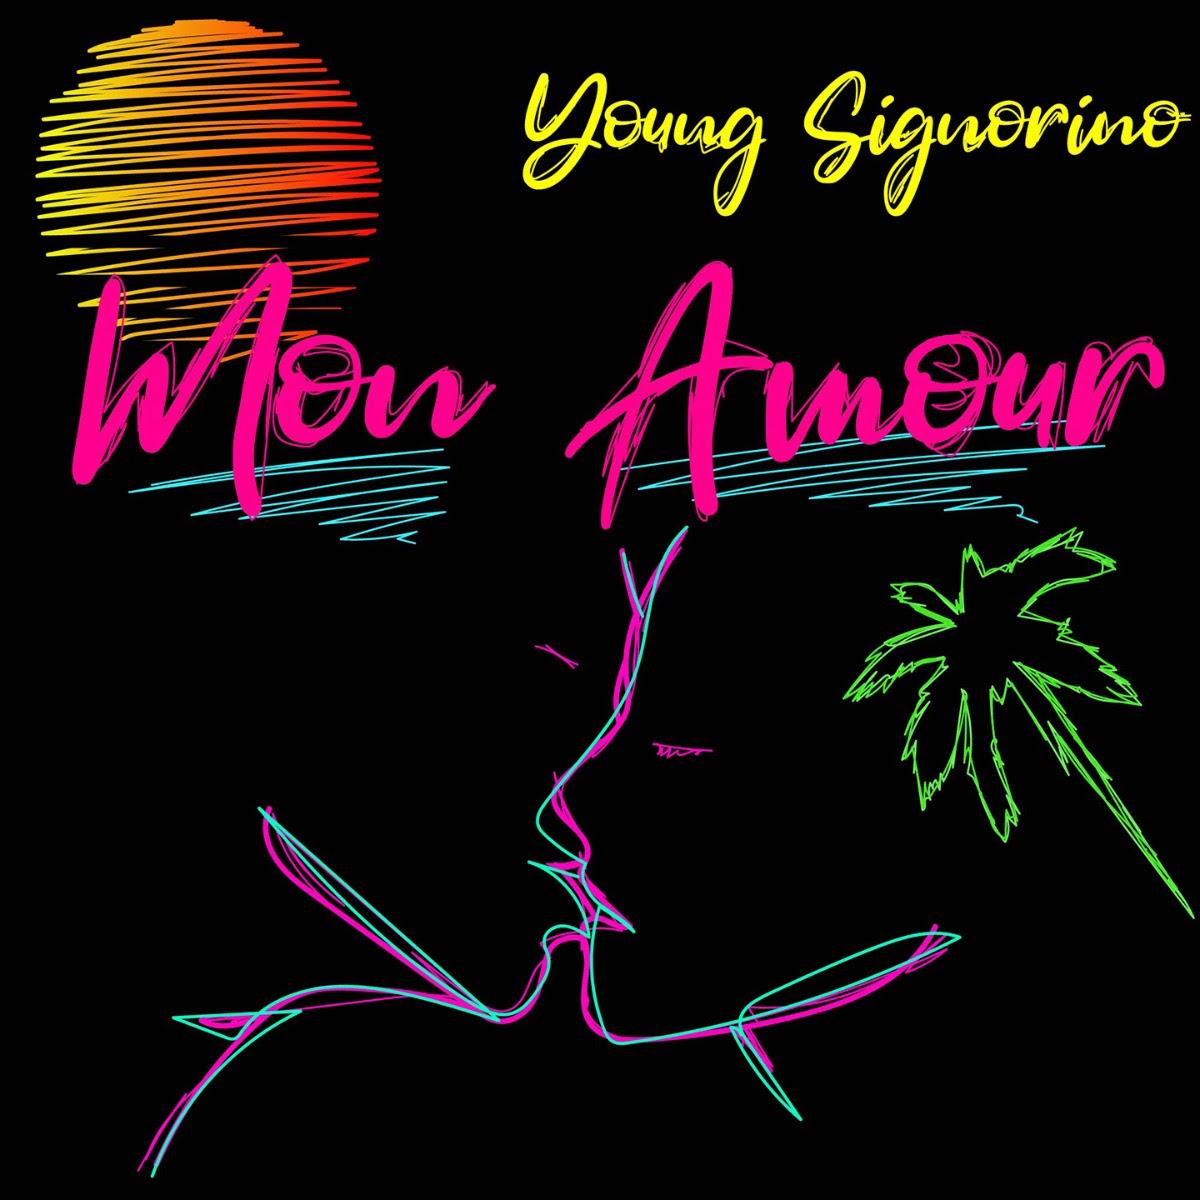 YOUNG SIGNORINO   esce il 17 luglio MON AMOUR, il nuovo singolo per Subsound Records. Il debut album arriverà in autunno